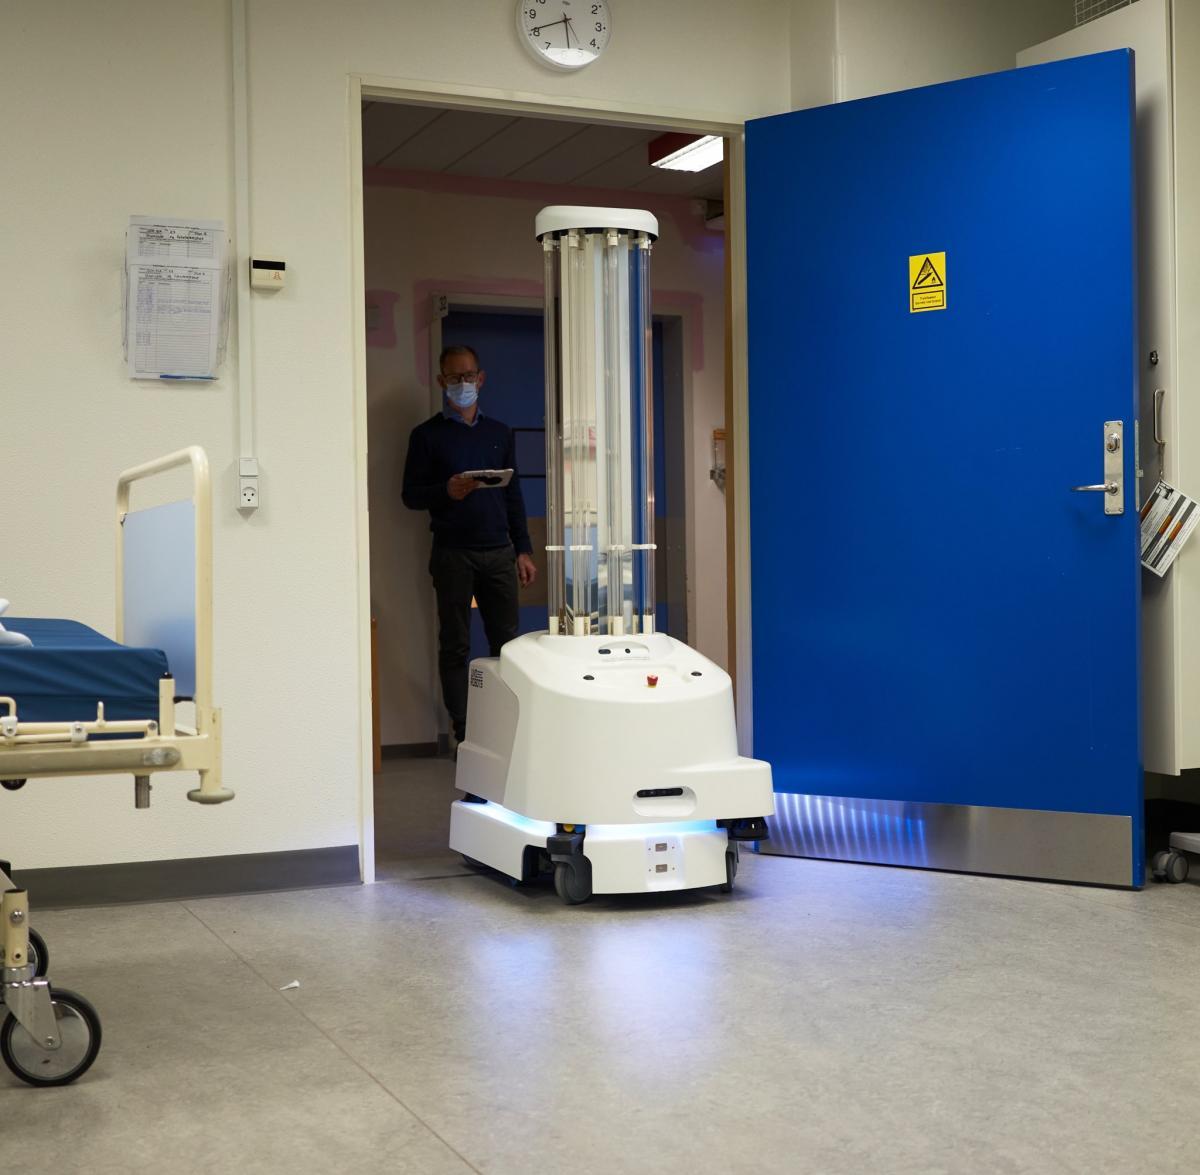 Євросоюз придбає 200 роботів для дезінфекції лікарень/ фото twitter.com/vonderleyen